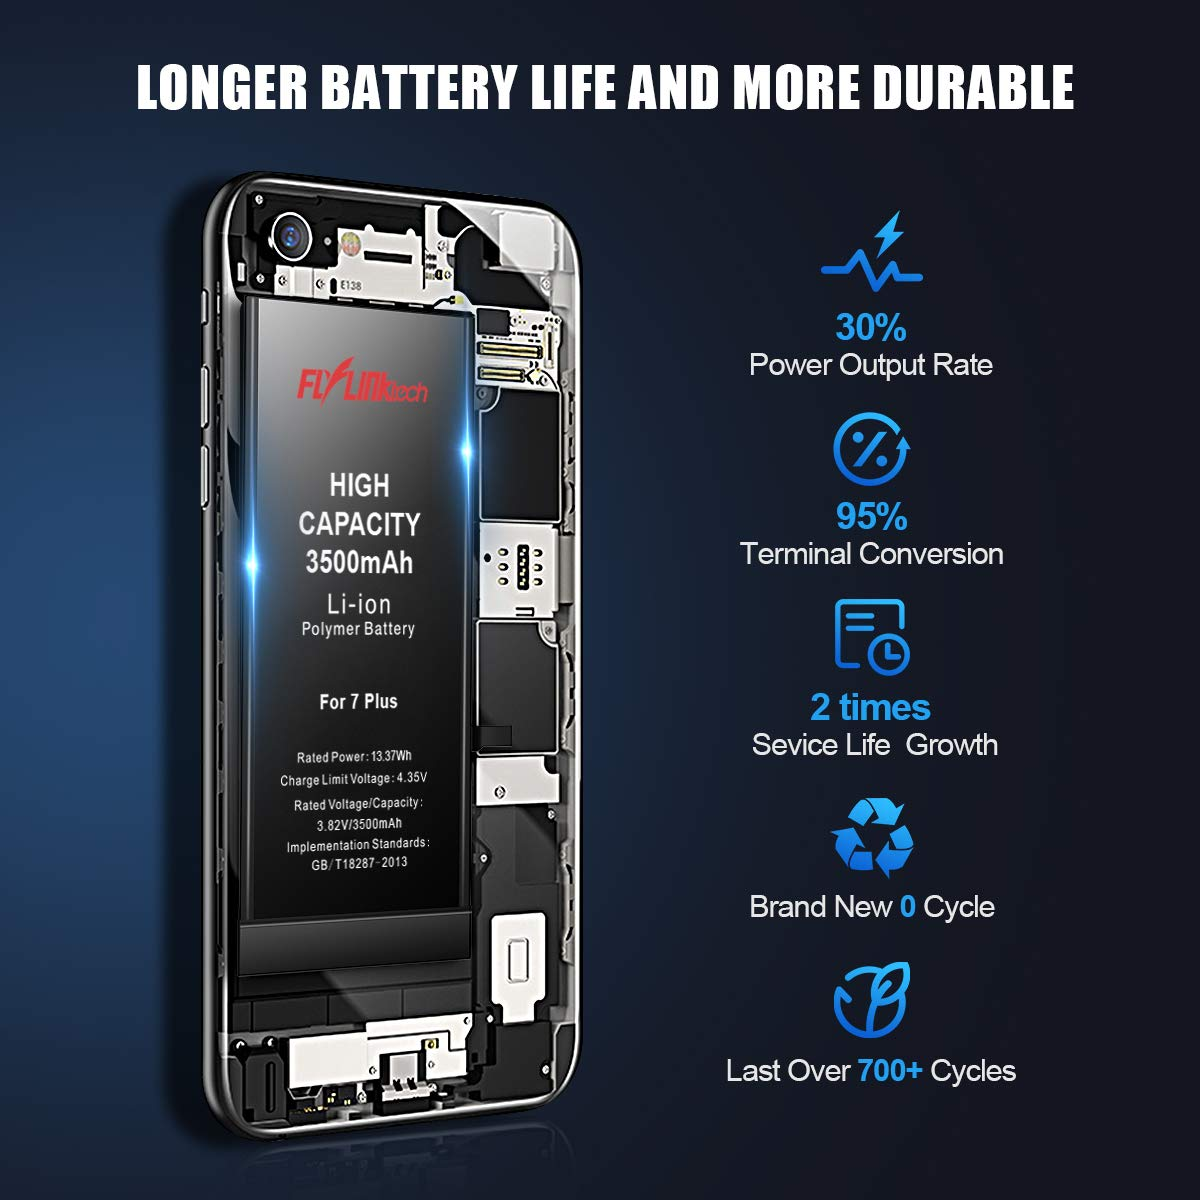 Bater/ía para iPhone SE 1850mAH Reemplazo de Alta Capacidad Cinta Adhesiva FLYLINKTECH Bater/ía con 13/% m/ás de Capacidad Que la bater/ía Original y con Kits de Herramientas de reparaci/ón